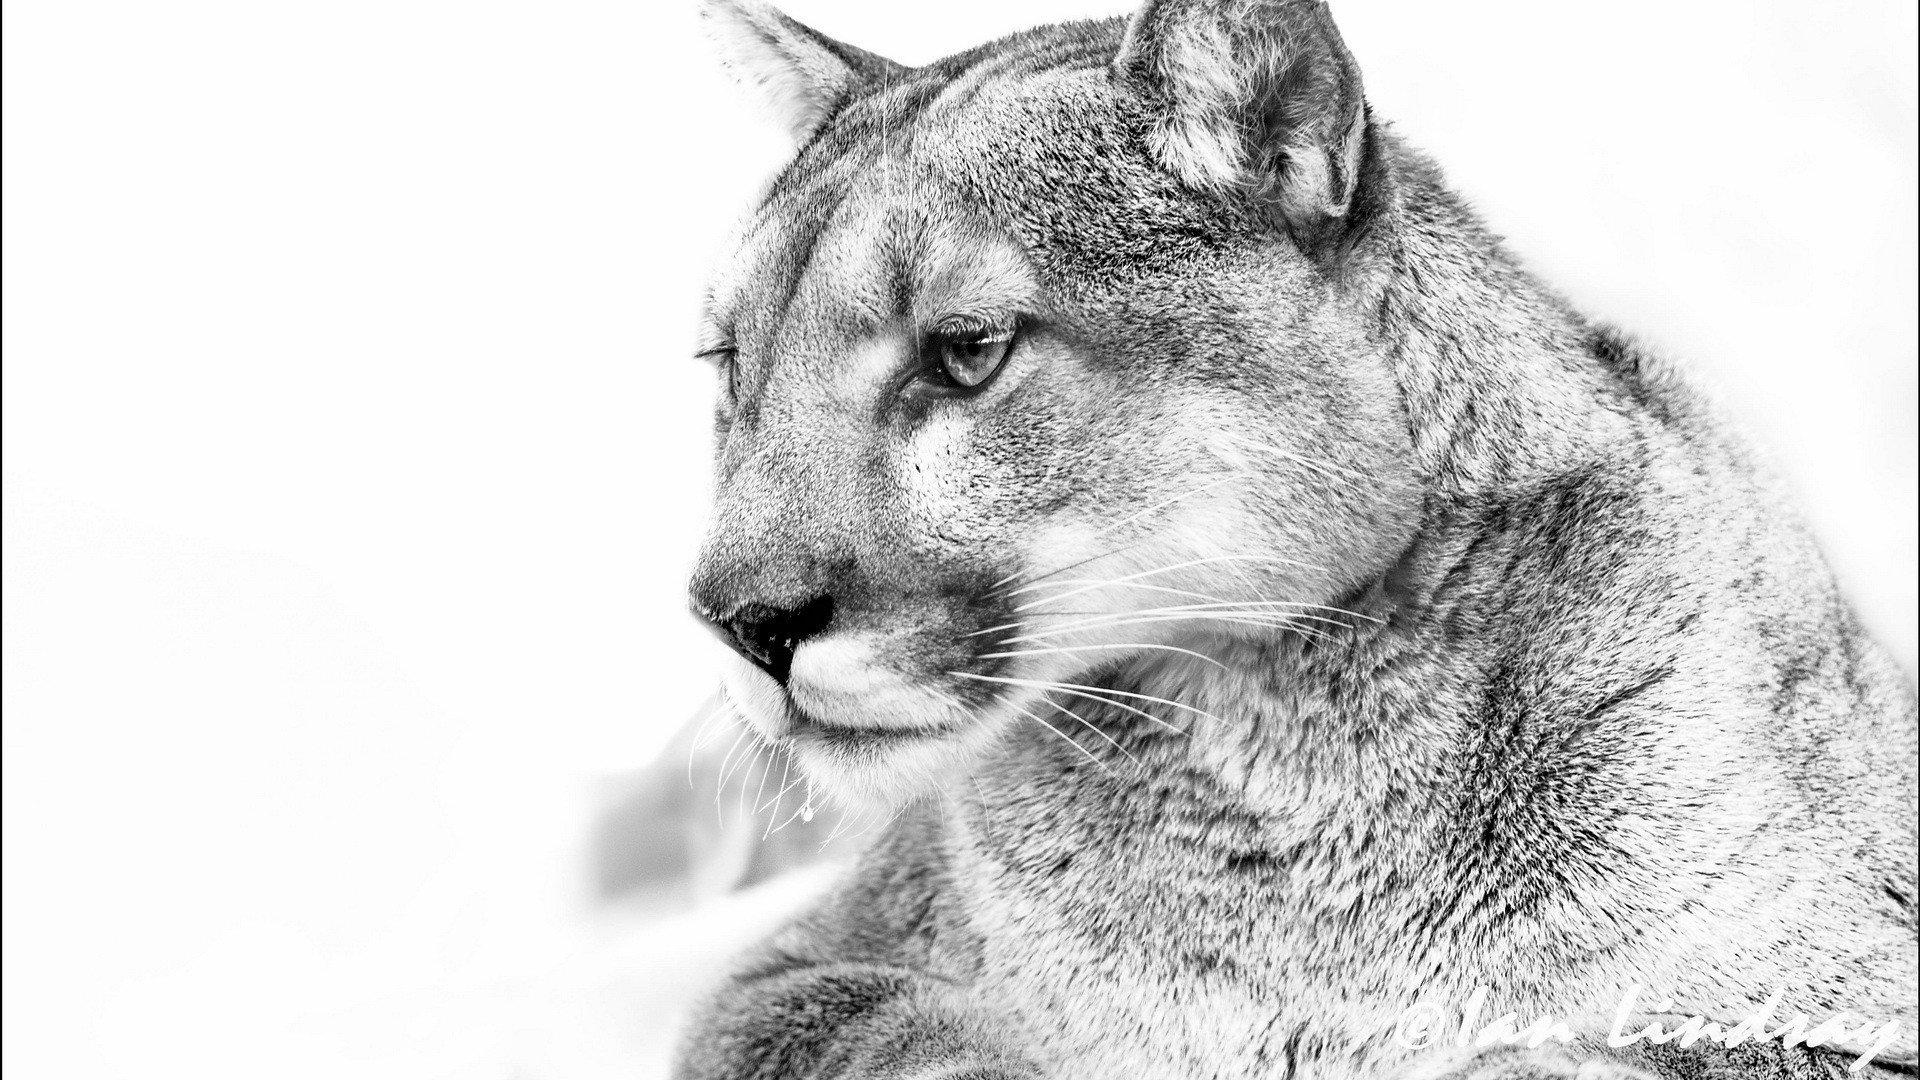 Cougar-Cougar-Cougar-Awesome-Photos-wallpaper-wpc5803744